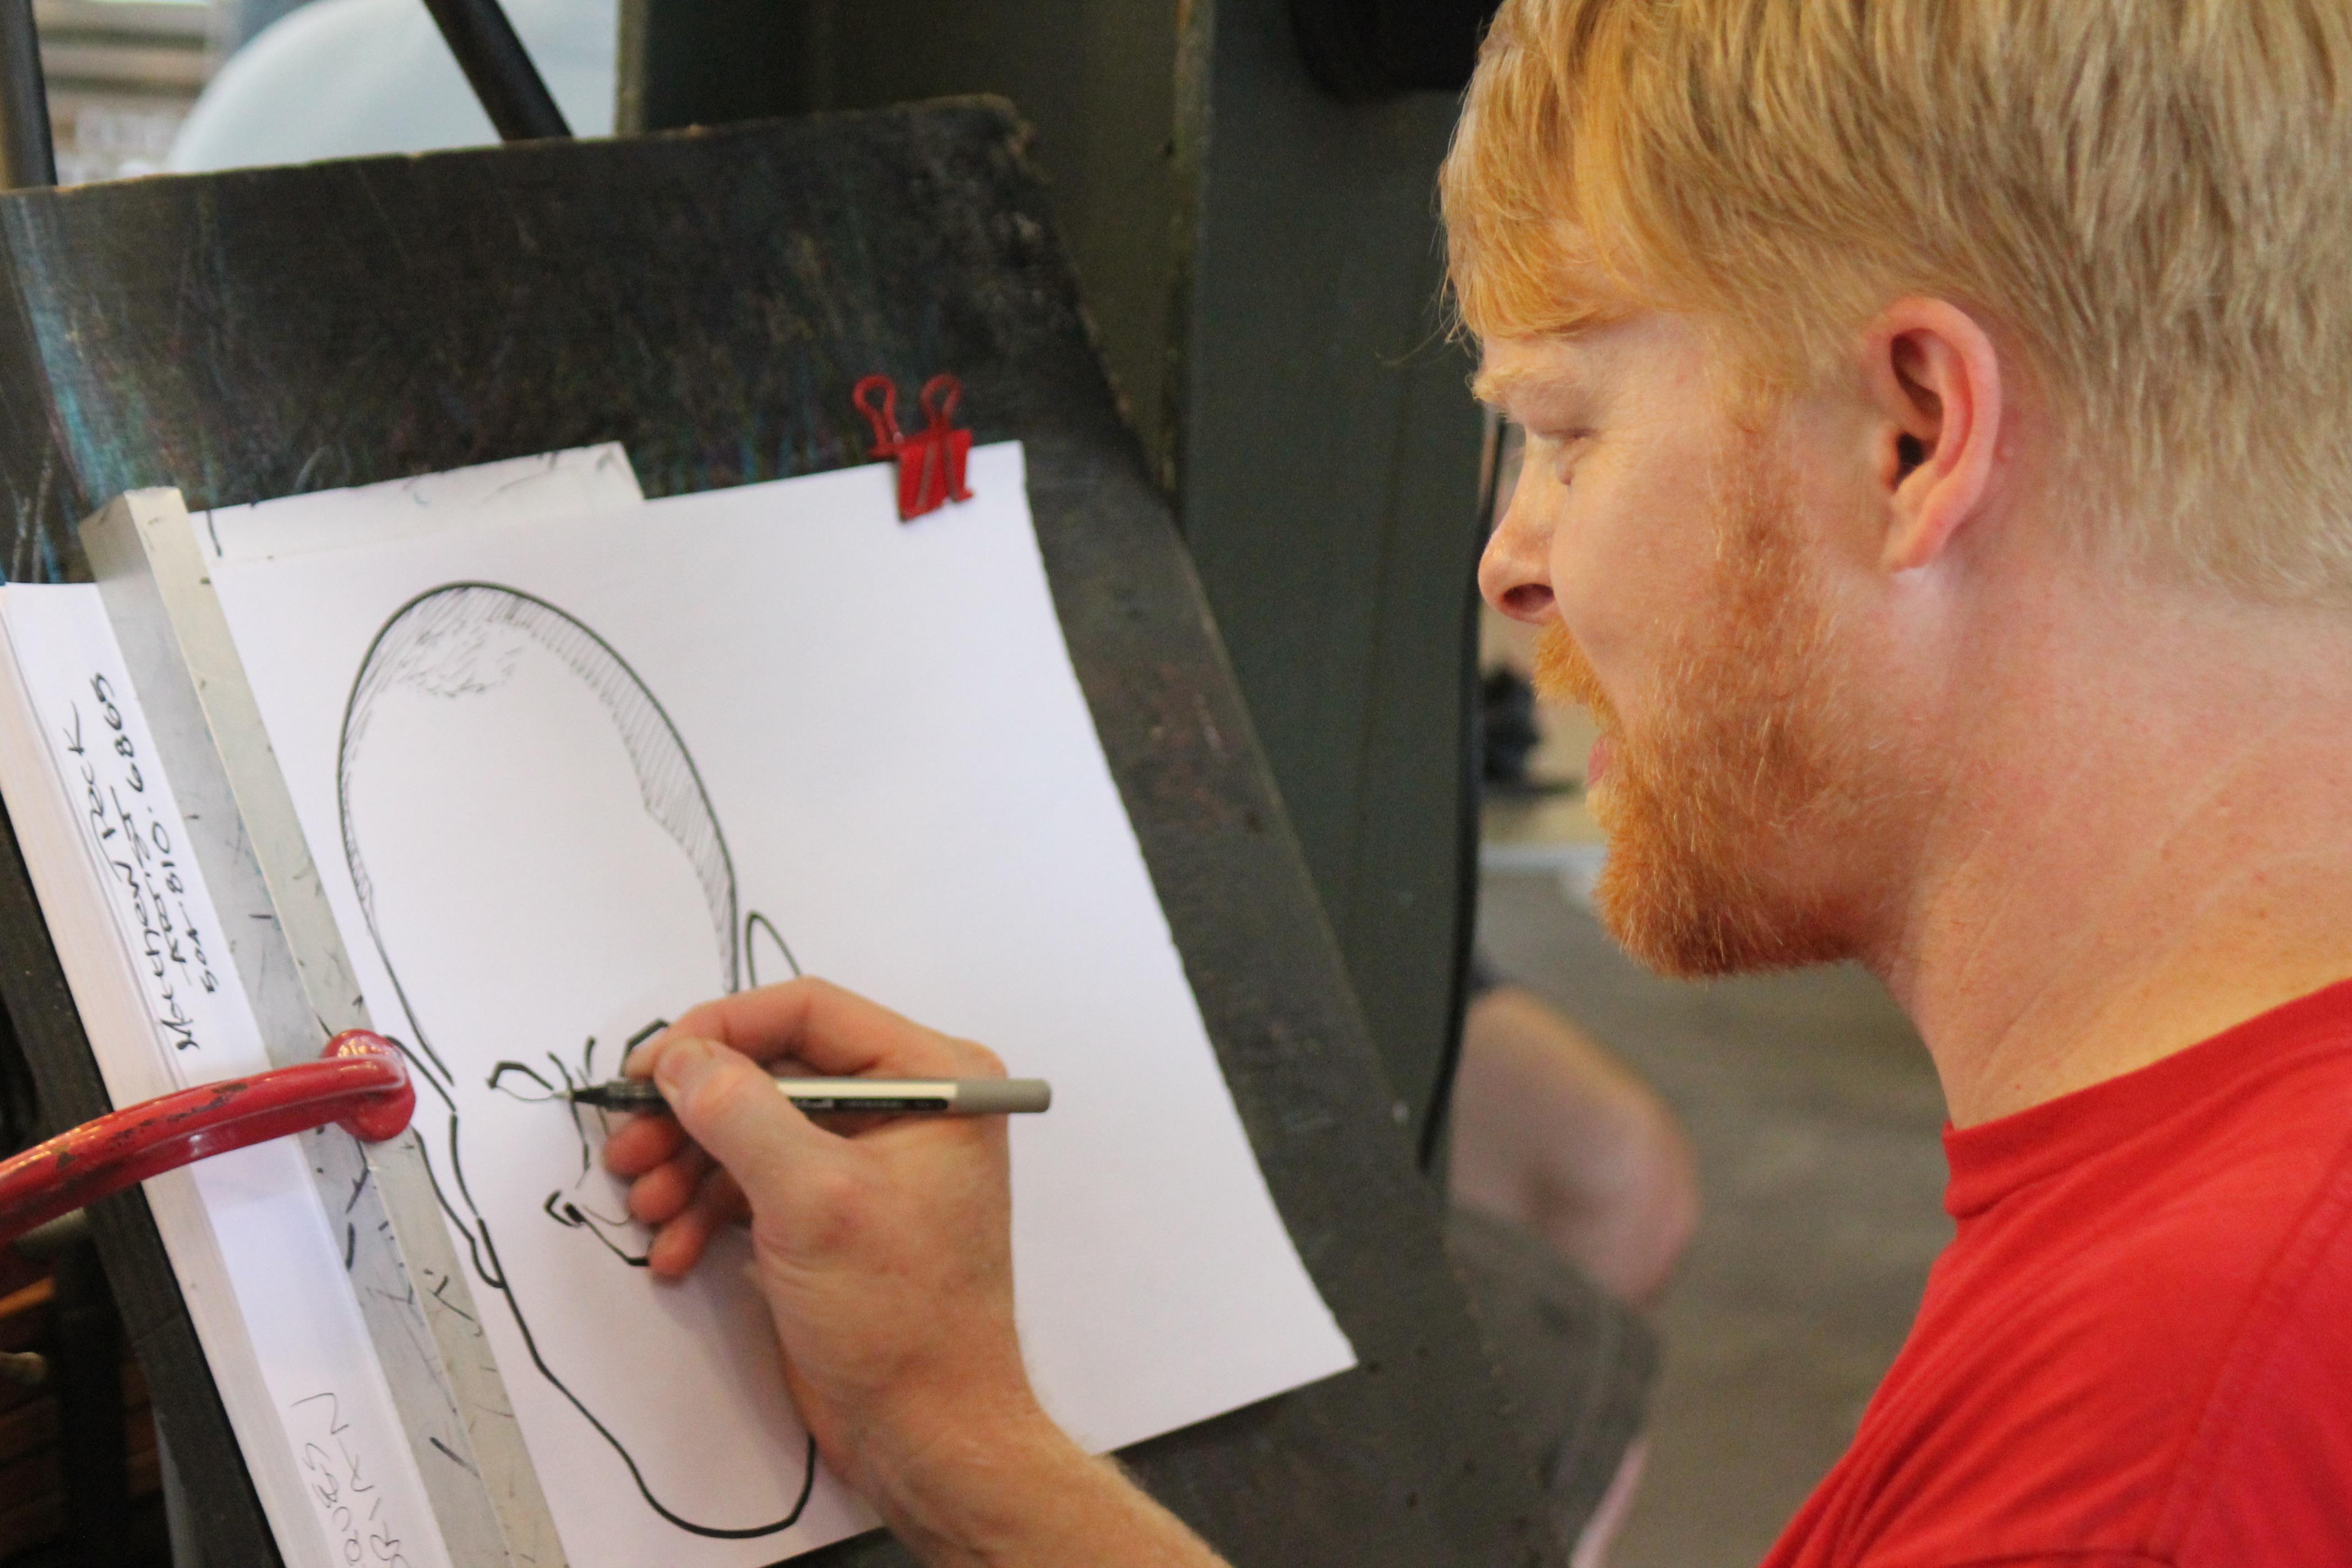 Gambar Manusia Orang Artis Seniman Jalanan Gambar Karikatur